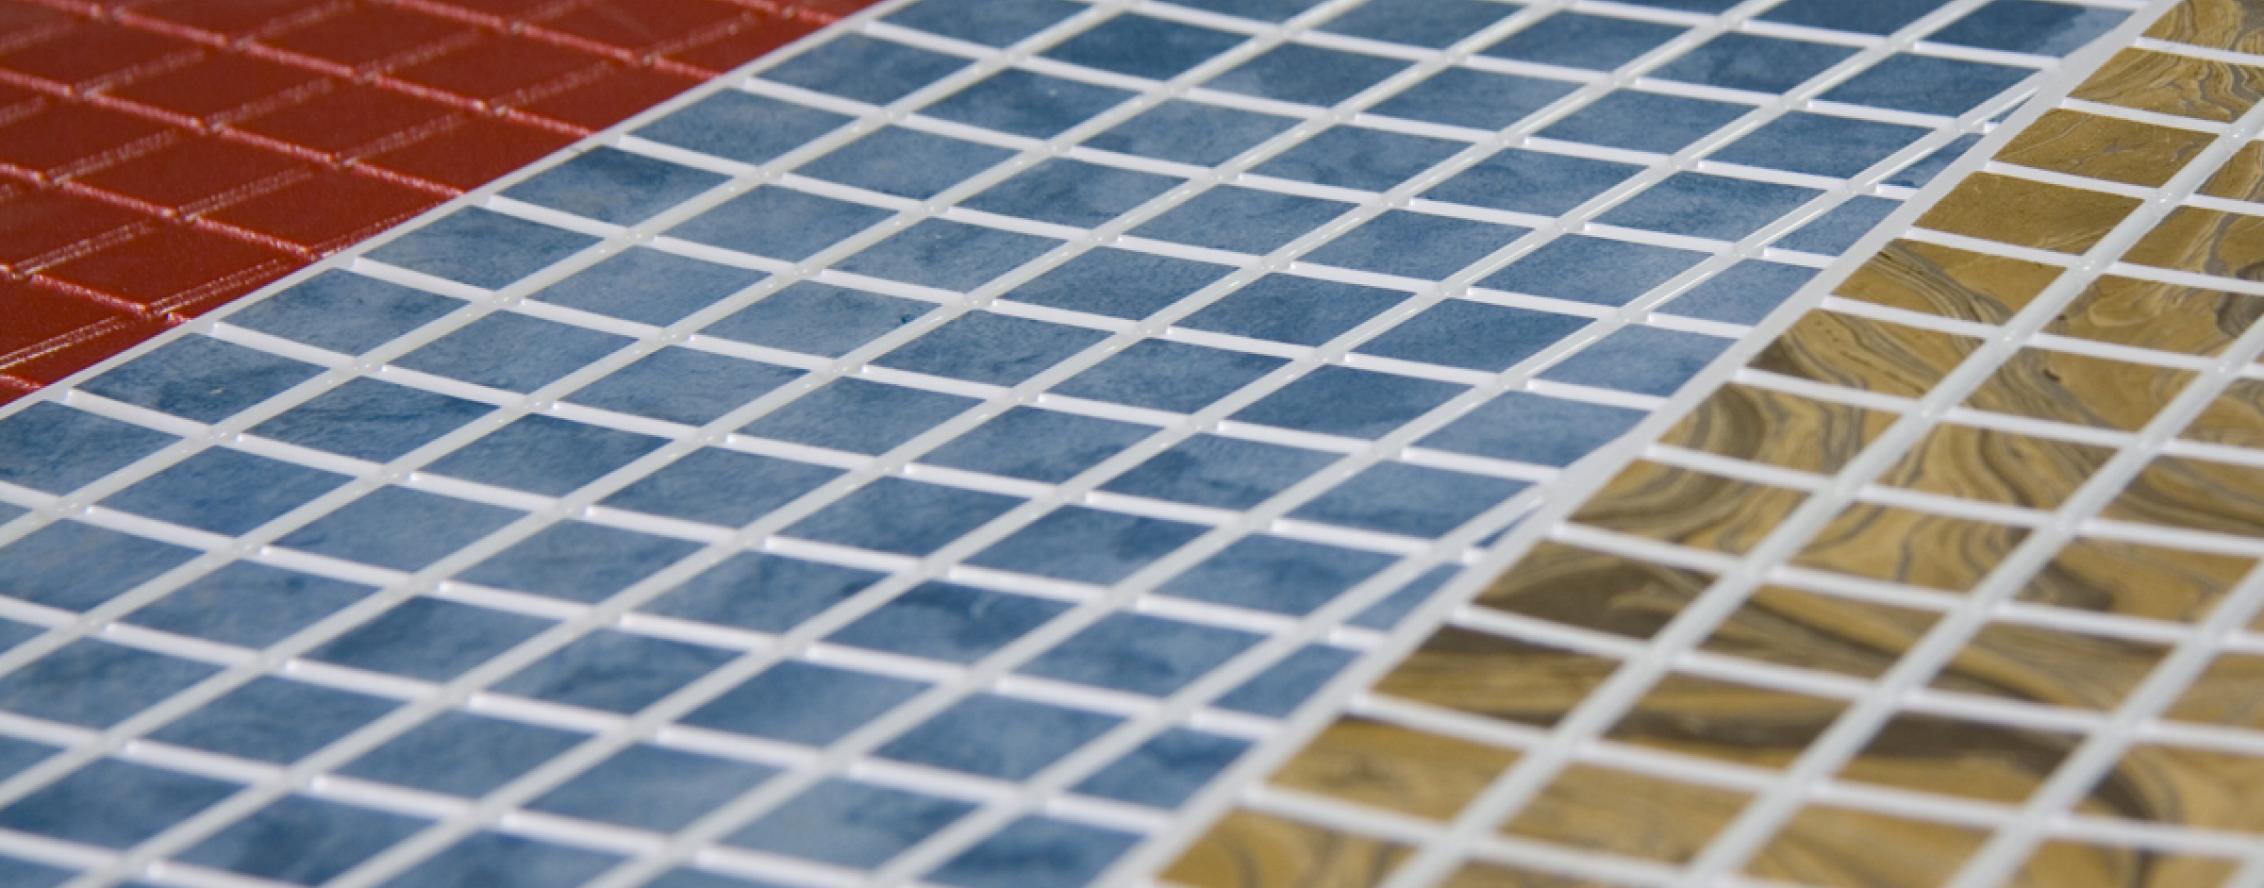 Пластиковая мозаика